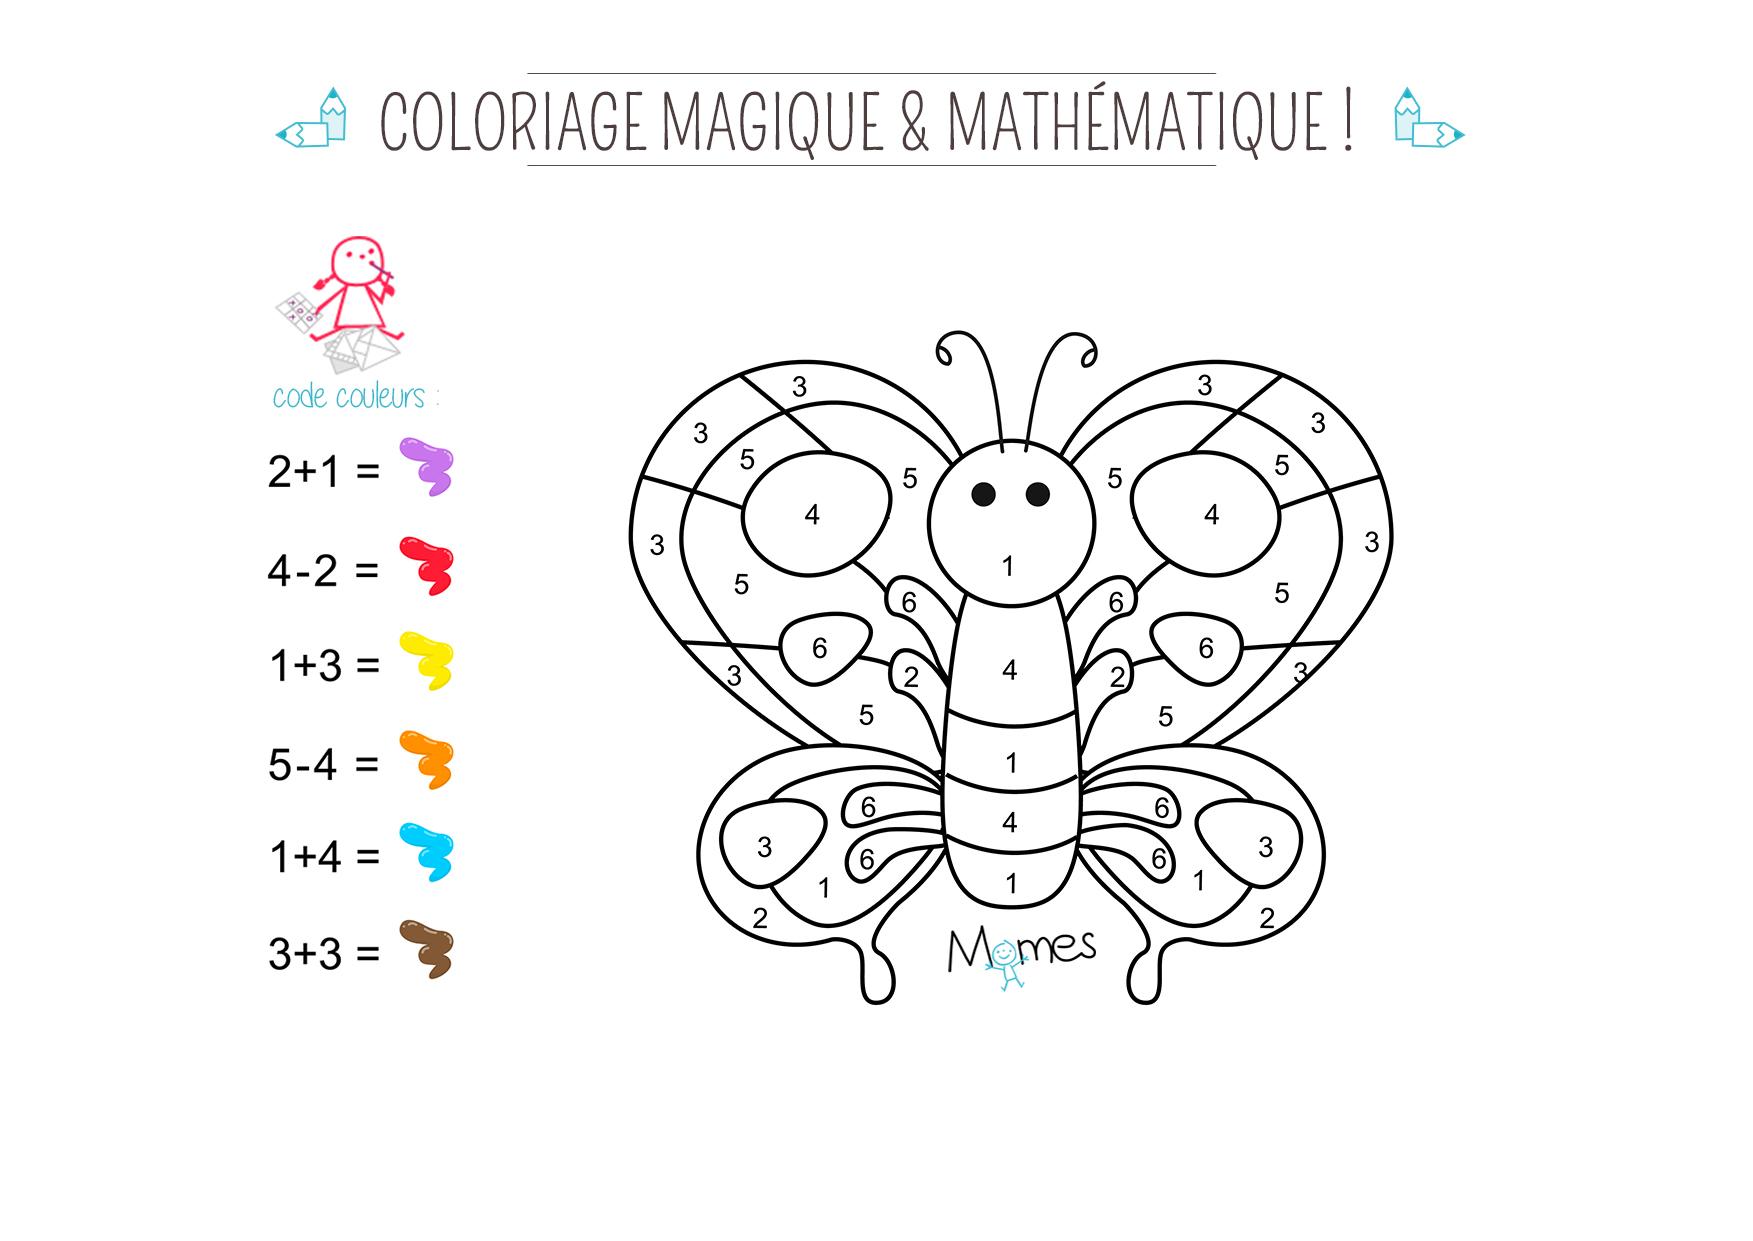 Coloriage magique et math matique le papillon - Coloriage mathematique ...